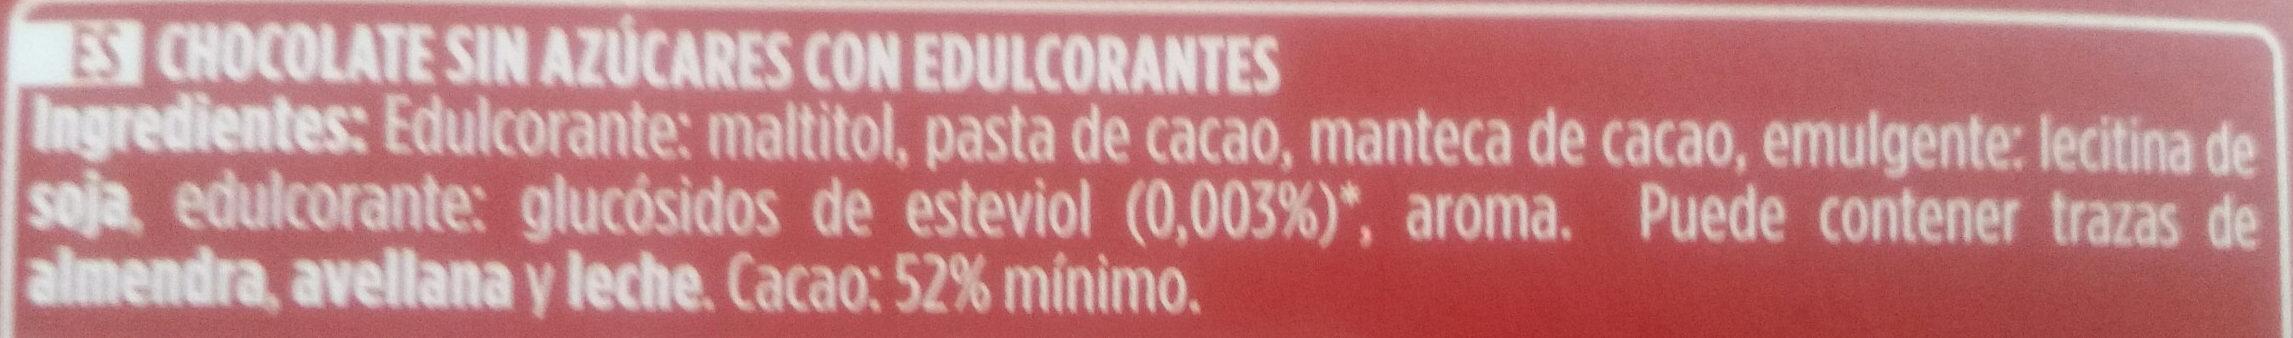 Chocolate Puro 0% azúcar añadido - Ingrediënten - es